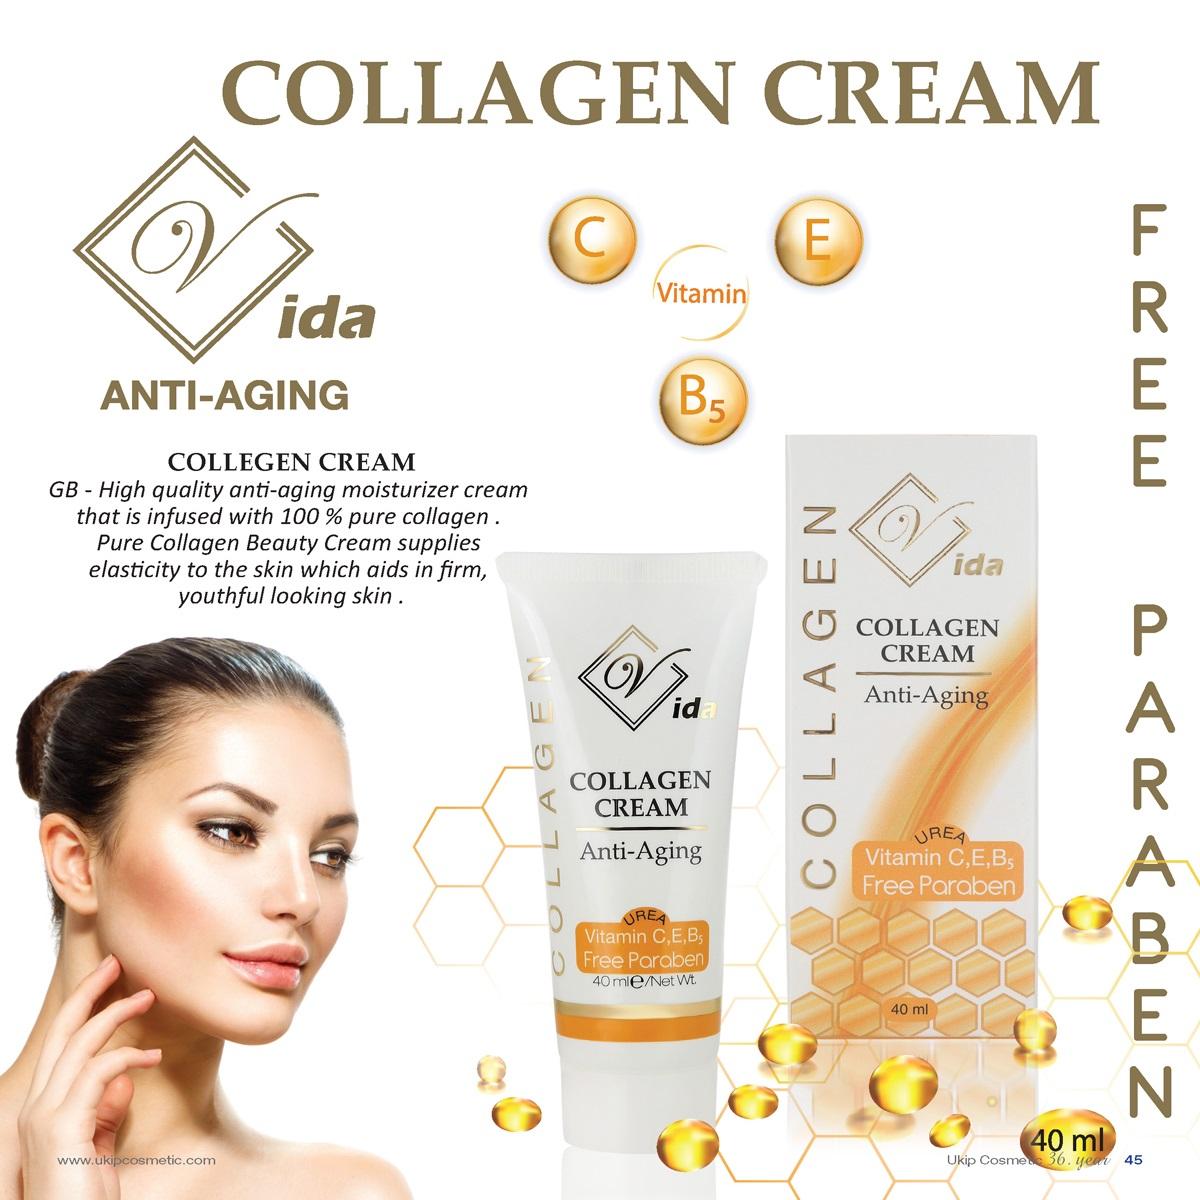 Vida Anti-Aging Collagen Cream